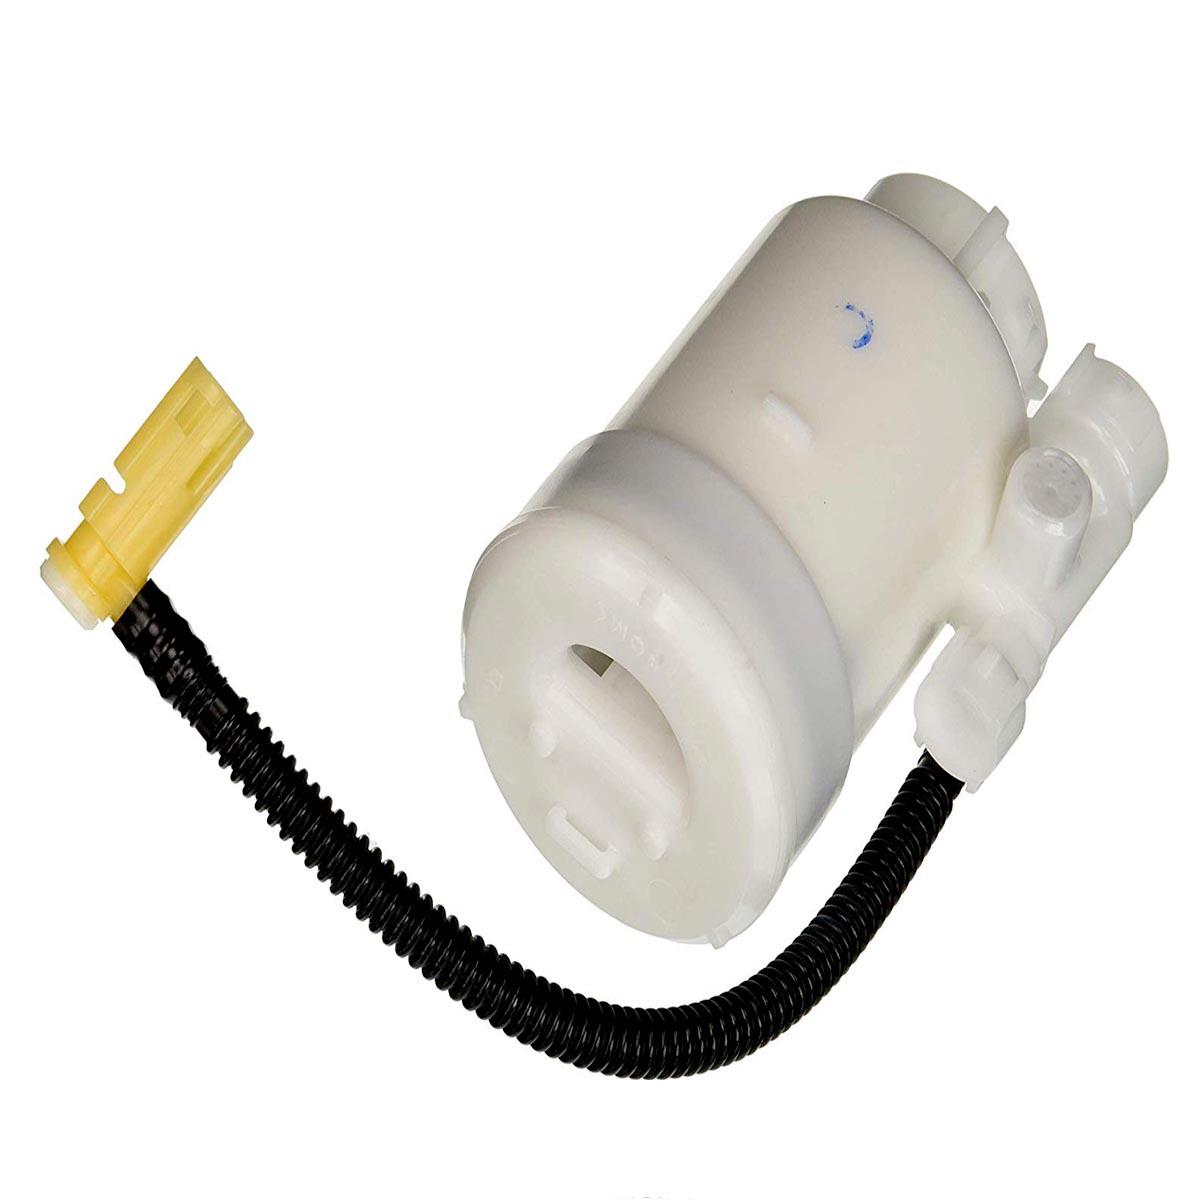 فیلتر بنزین خودرو هیوندای جنیون پارتس مدل 31112A70A0 مناسب برای سراتو YD